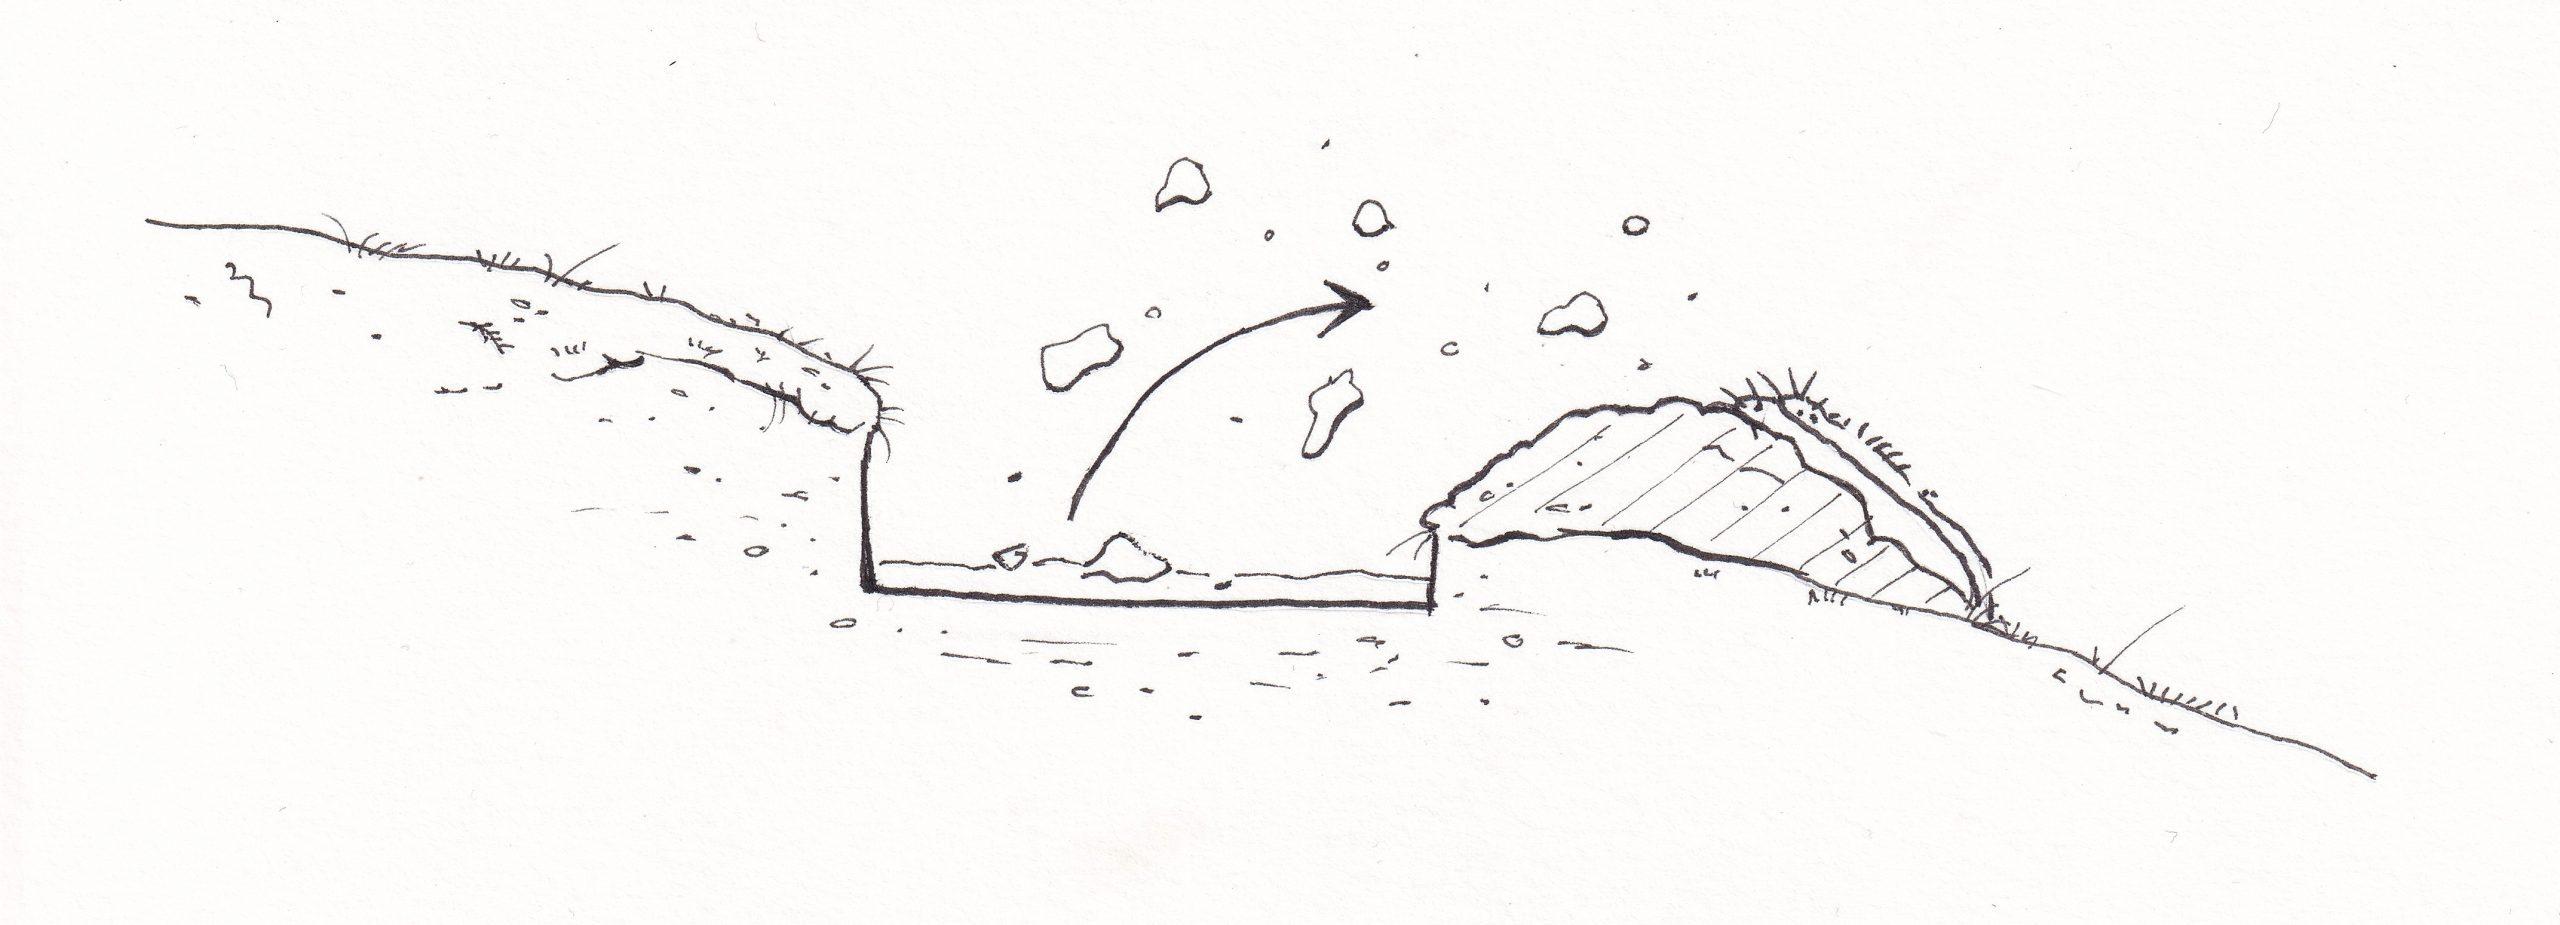 Uppgröftur tekin til hliðar og torf nýtt